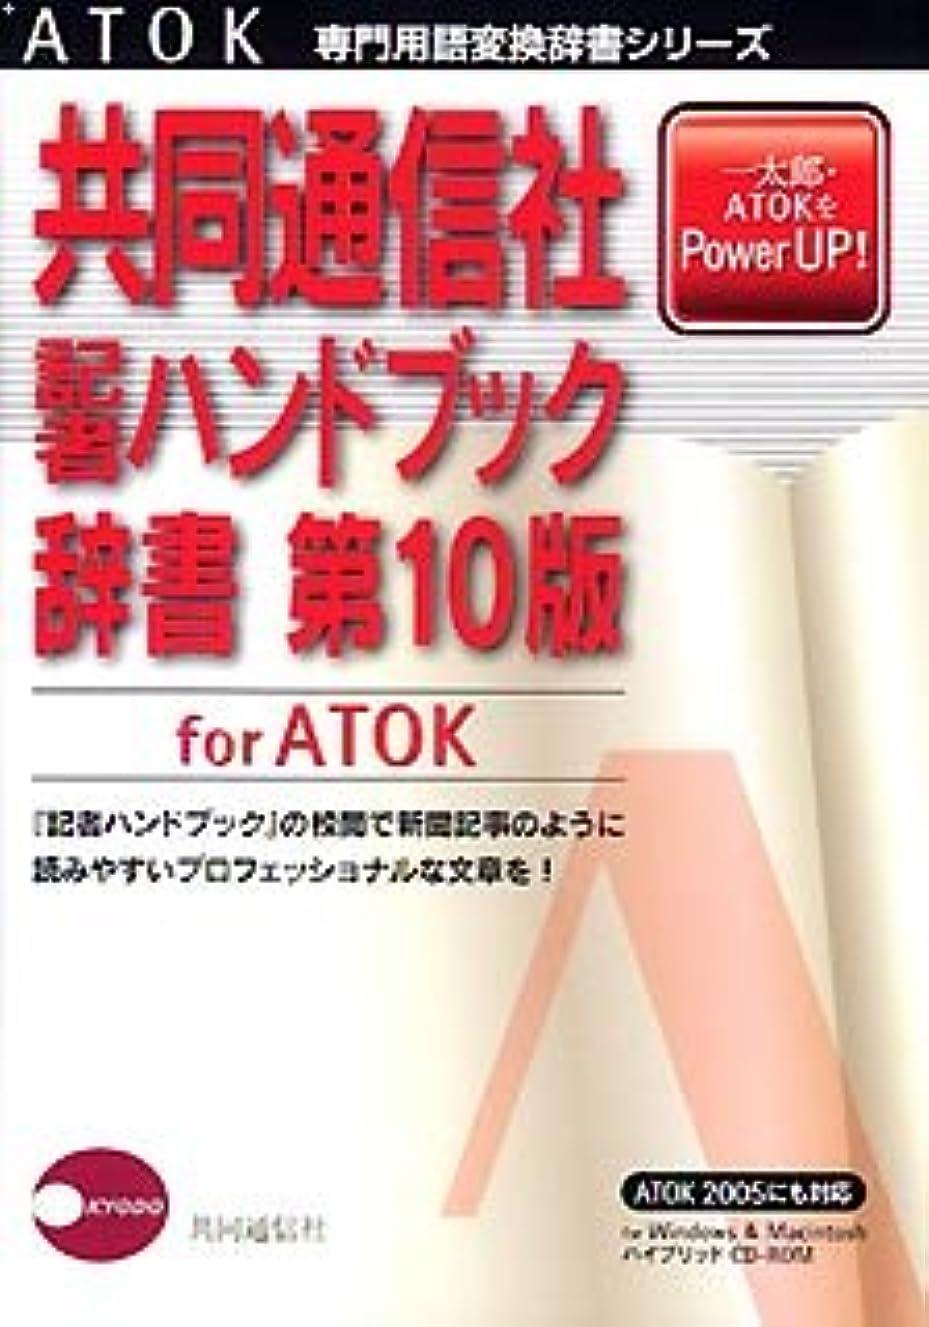 エンジン注入する塗抹共同通信社 記者ハンドブック辞書 第10版 for ATOK